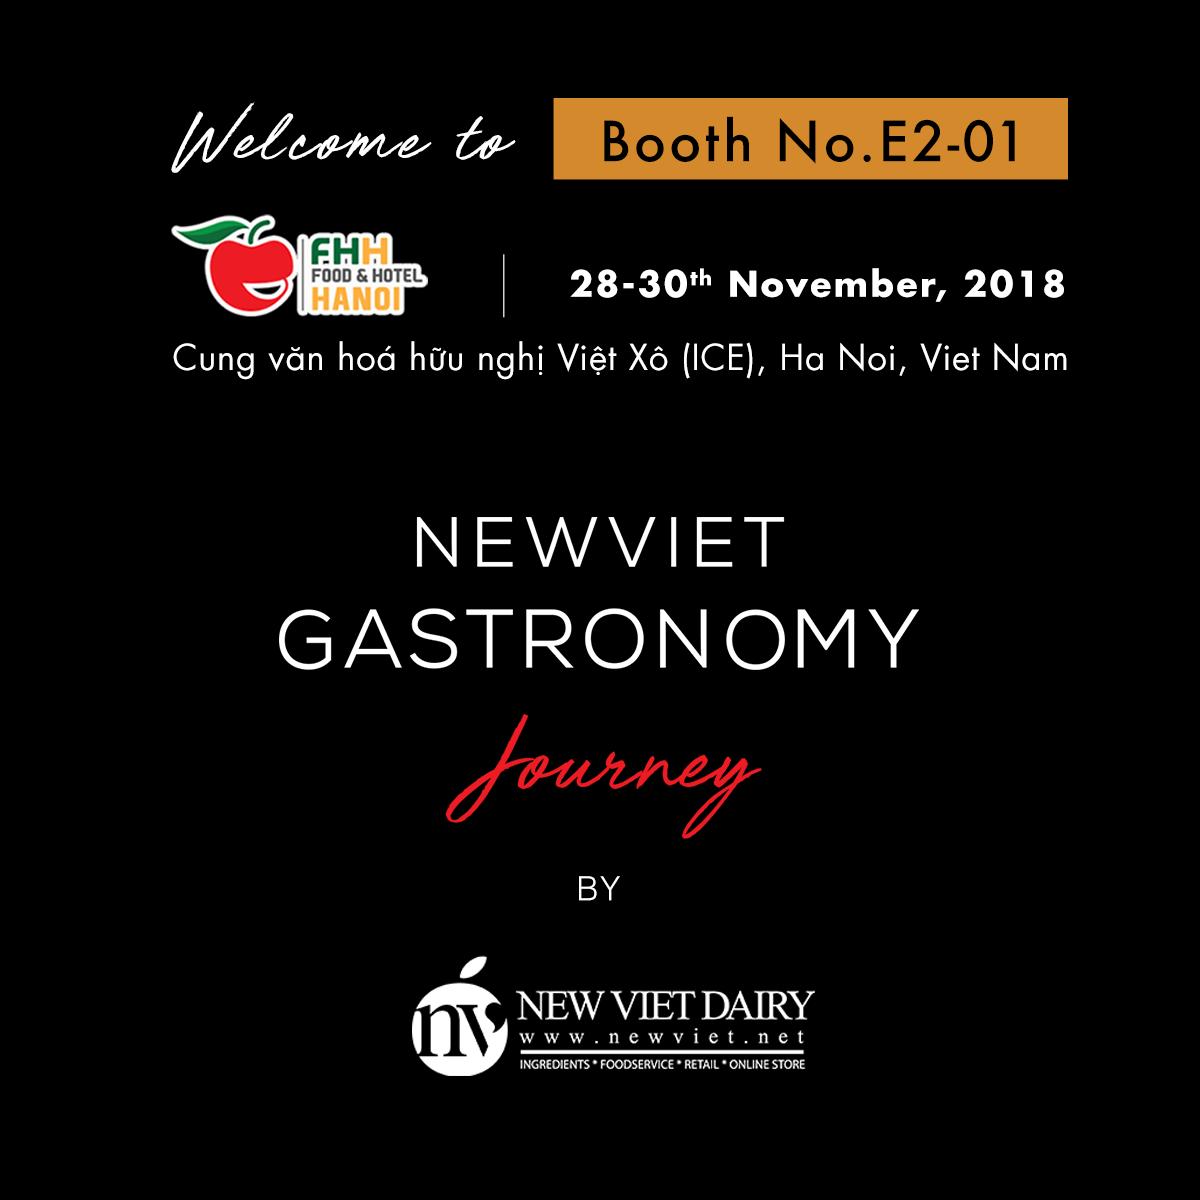 """Khám phá """"Hành trình Ẩm thực New Viet Gastronomy"""" tại Booth E2-01, Food & Hotel Hà Nội 2018"""